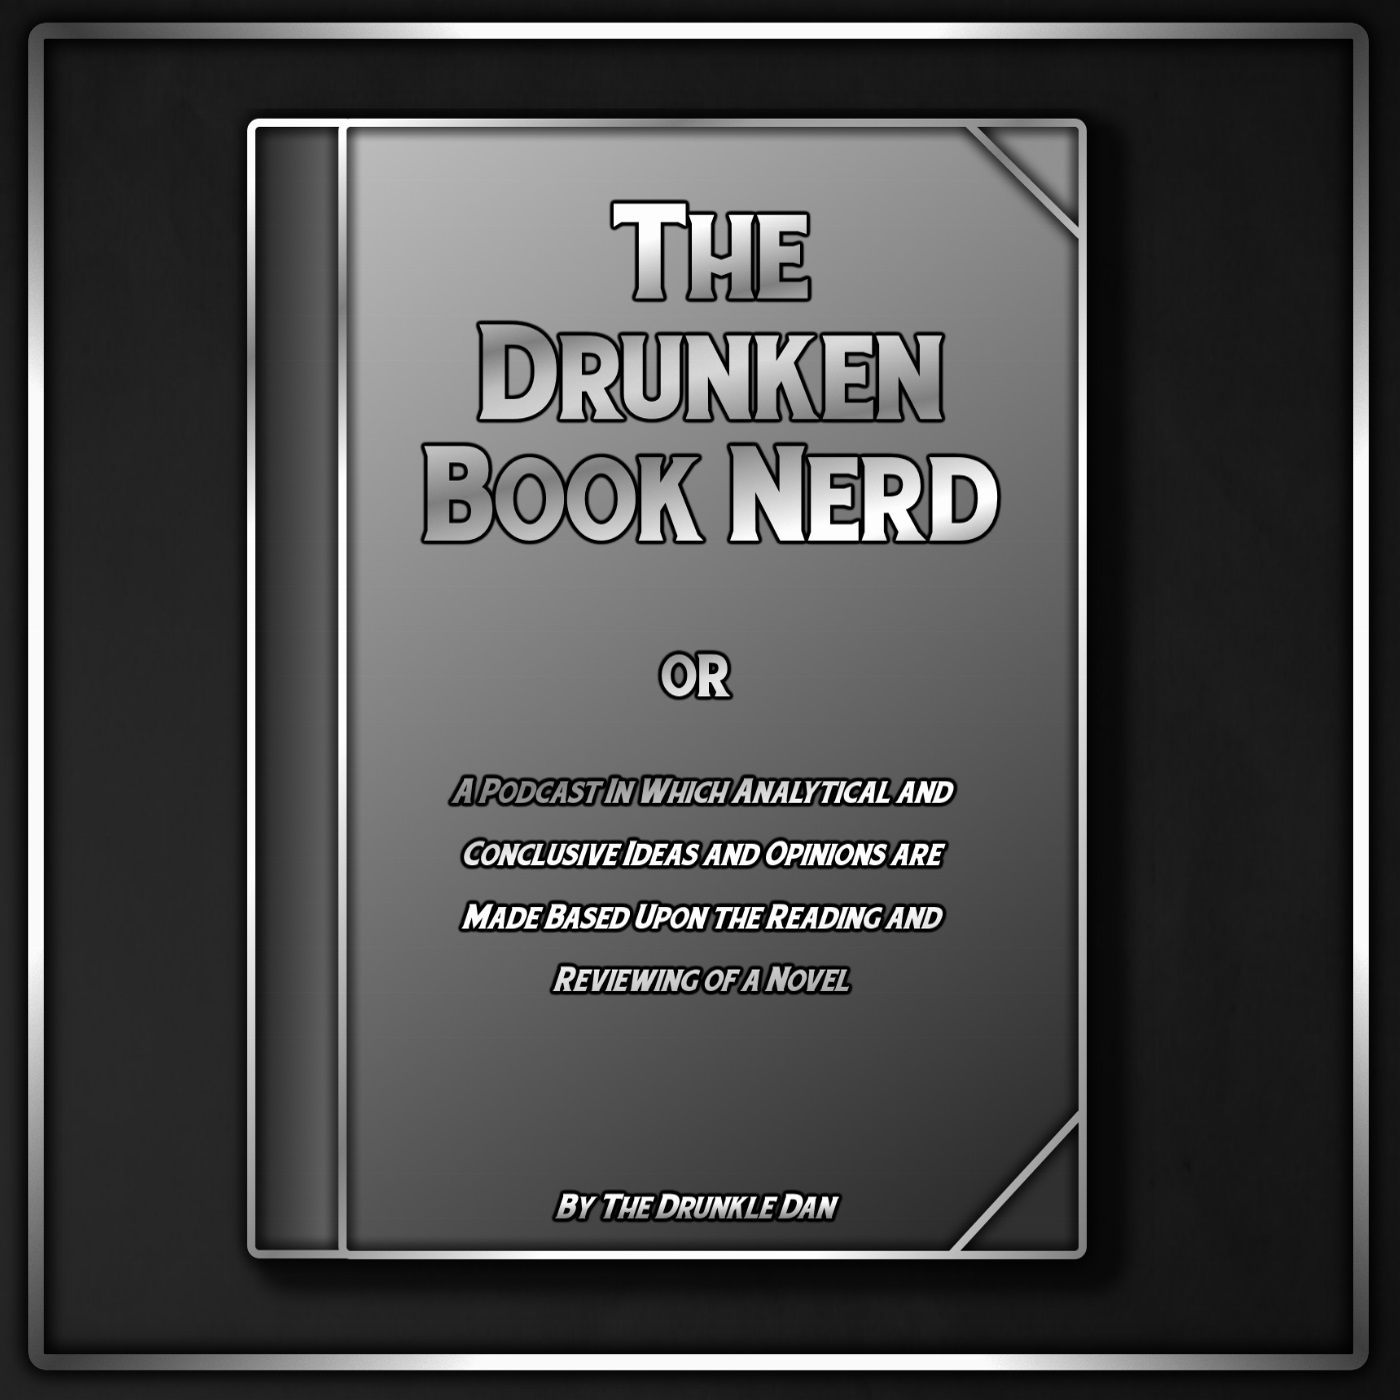 The Drunken Book Nerd   Listen Free on Castbox